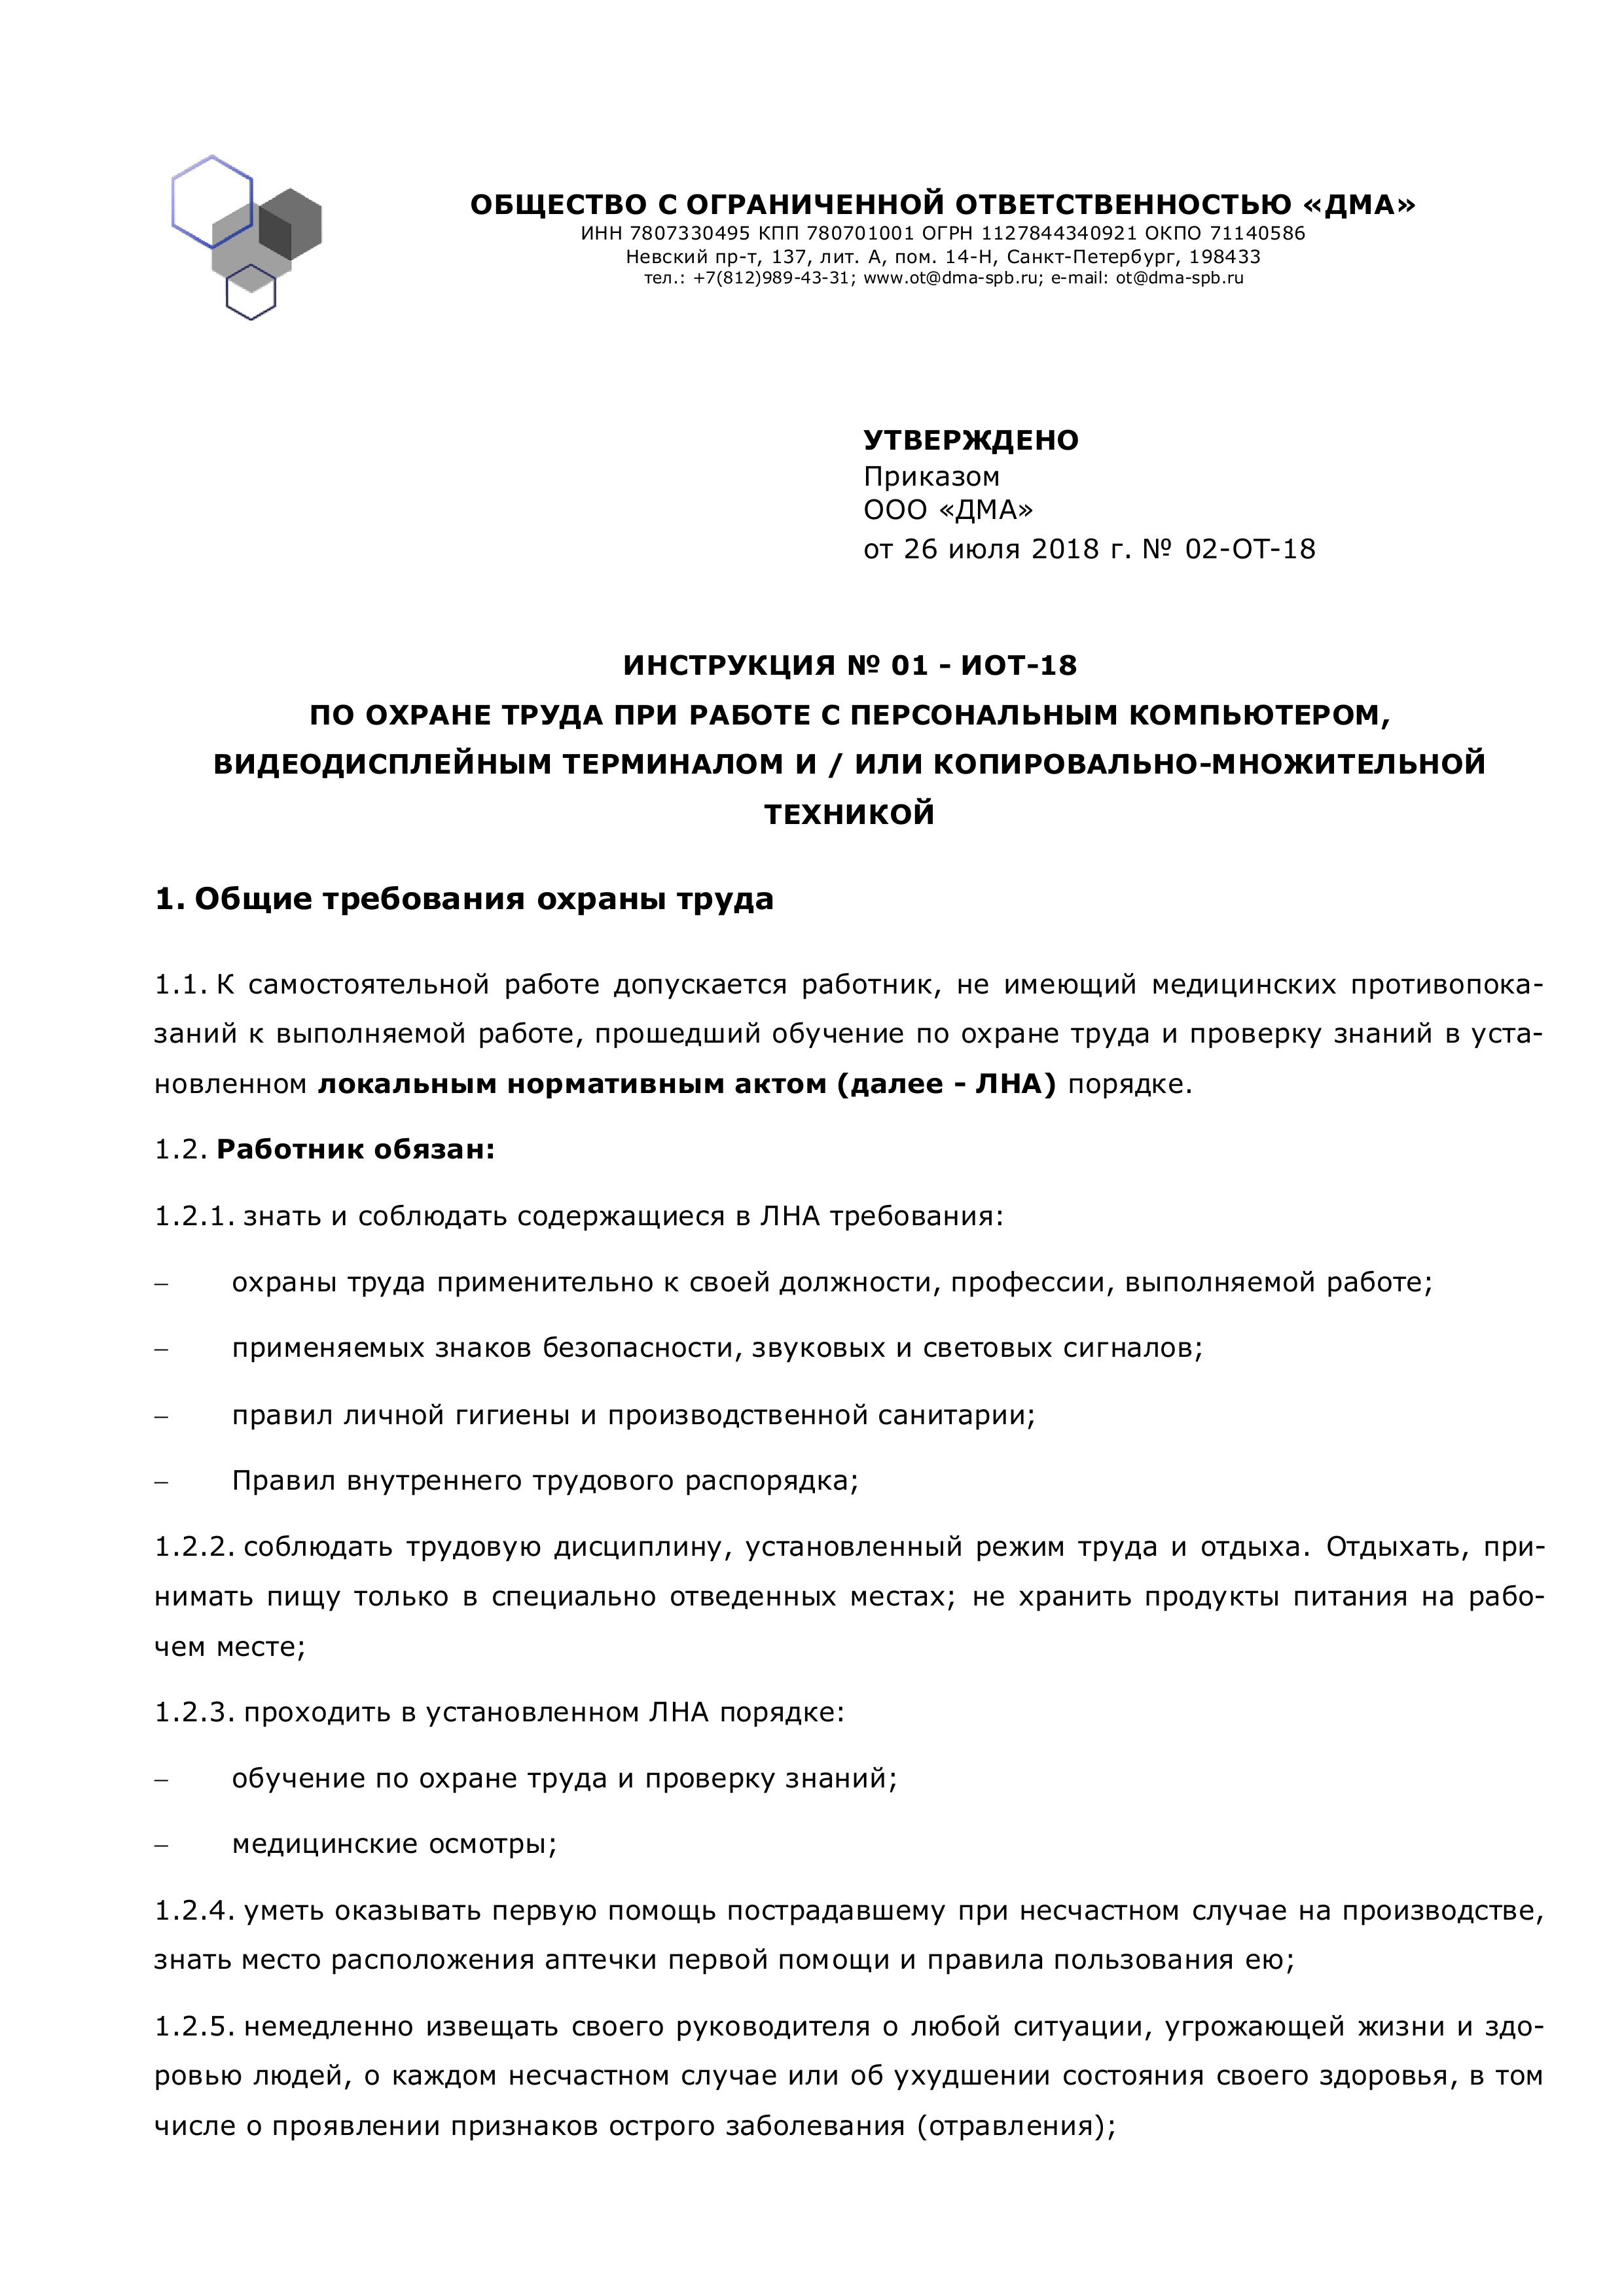 Инструкция по технике безопасности при работе на экструдерах